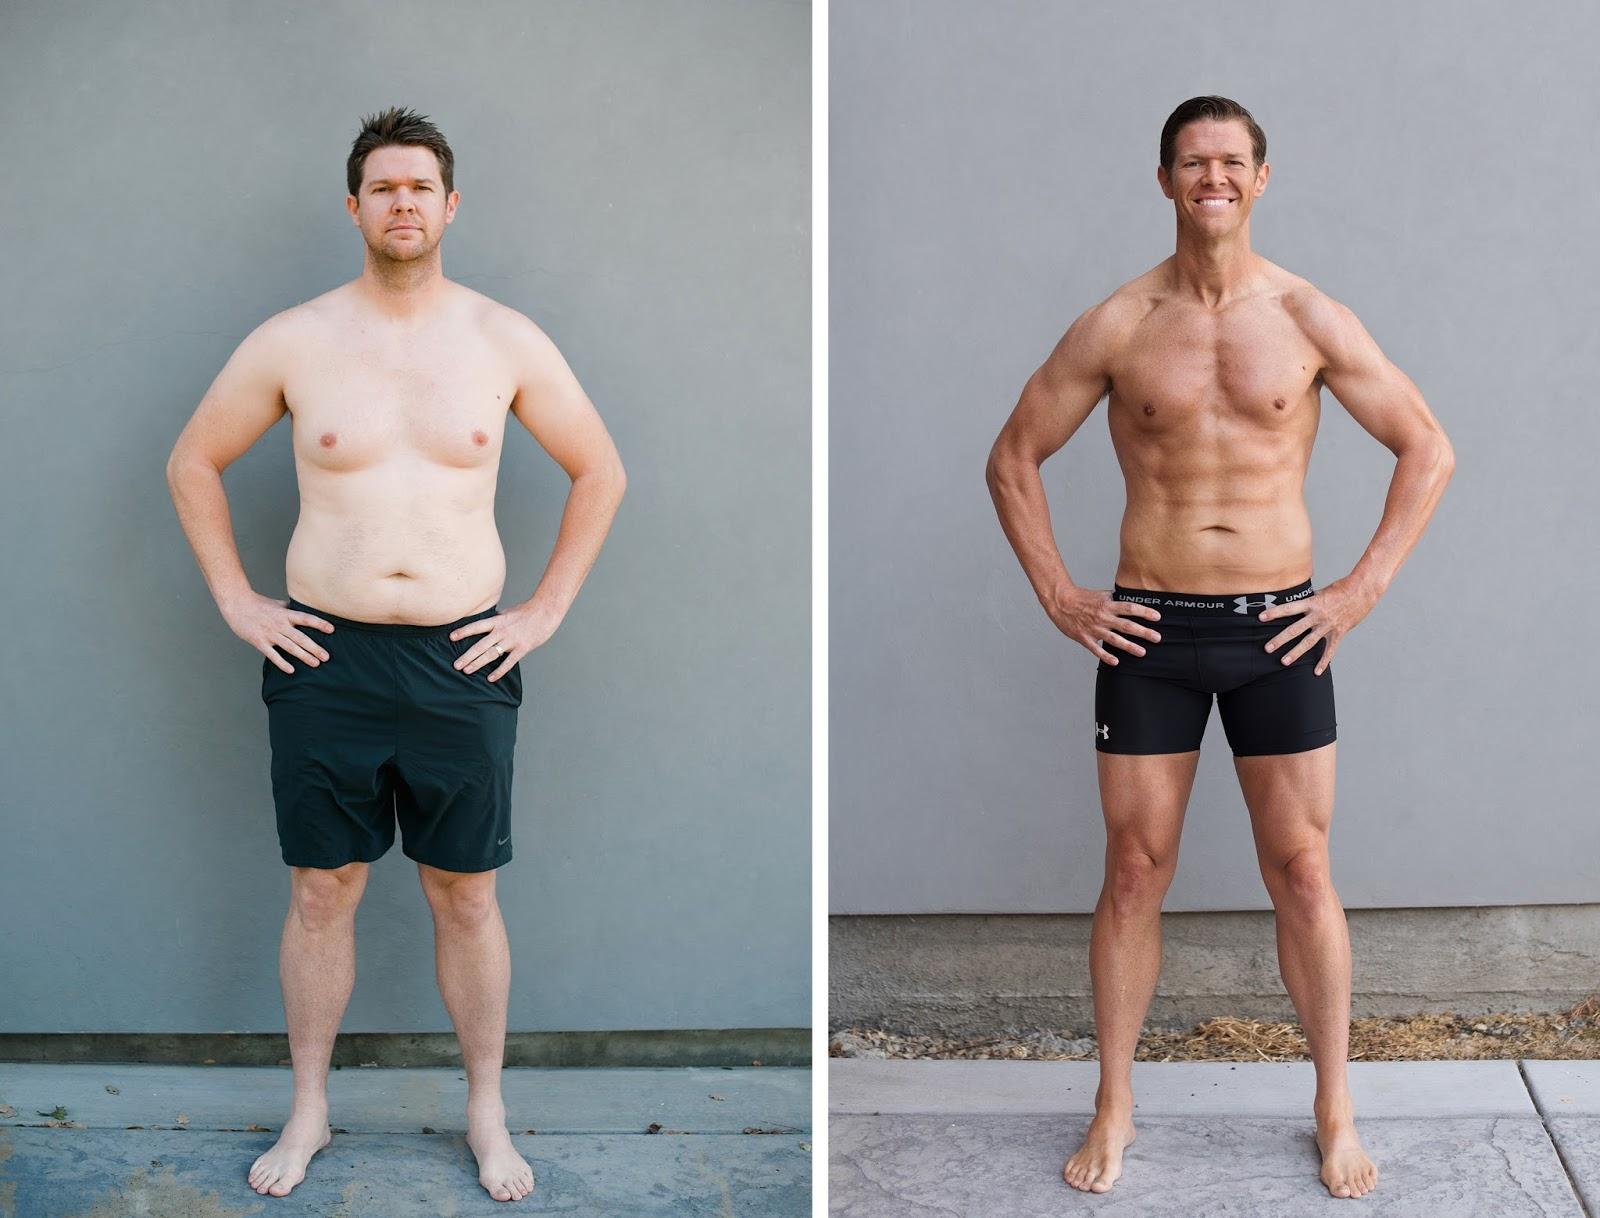 Как У Мужчин Сбросить Вес. Похудение для мужчин: диета и упражнения